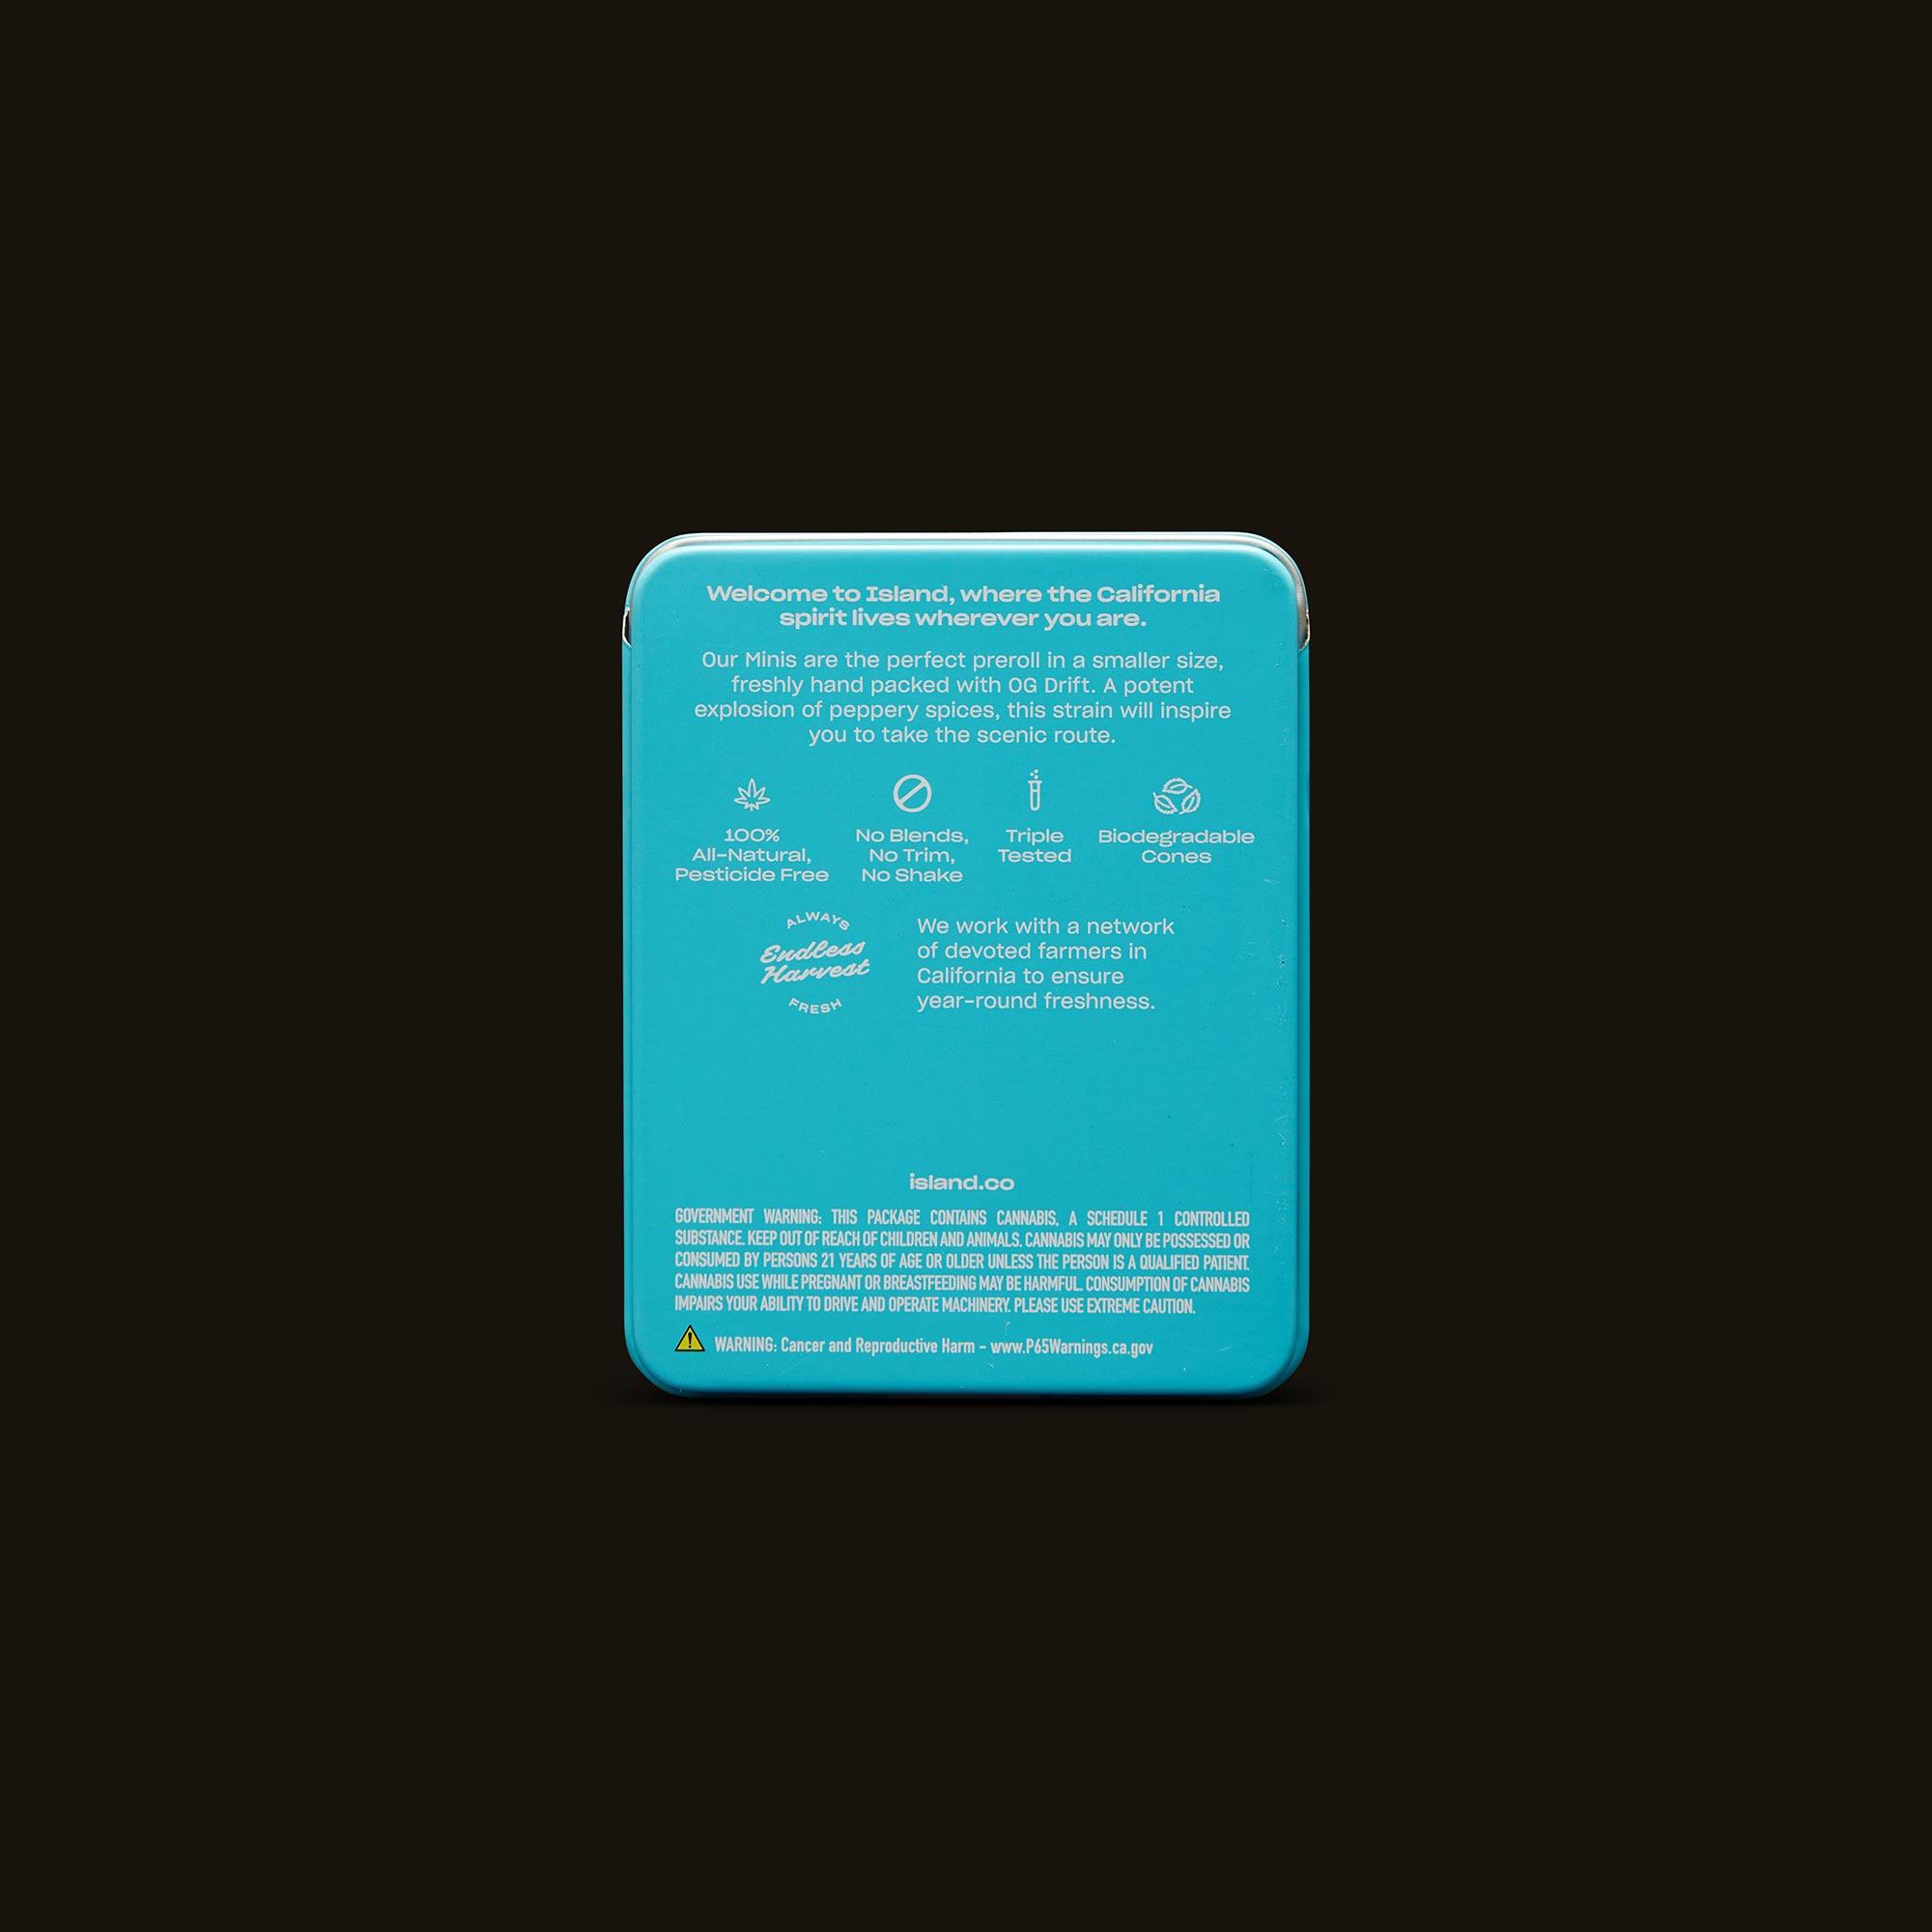 Island OG Drift Mini's Back Packaging